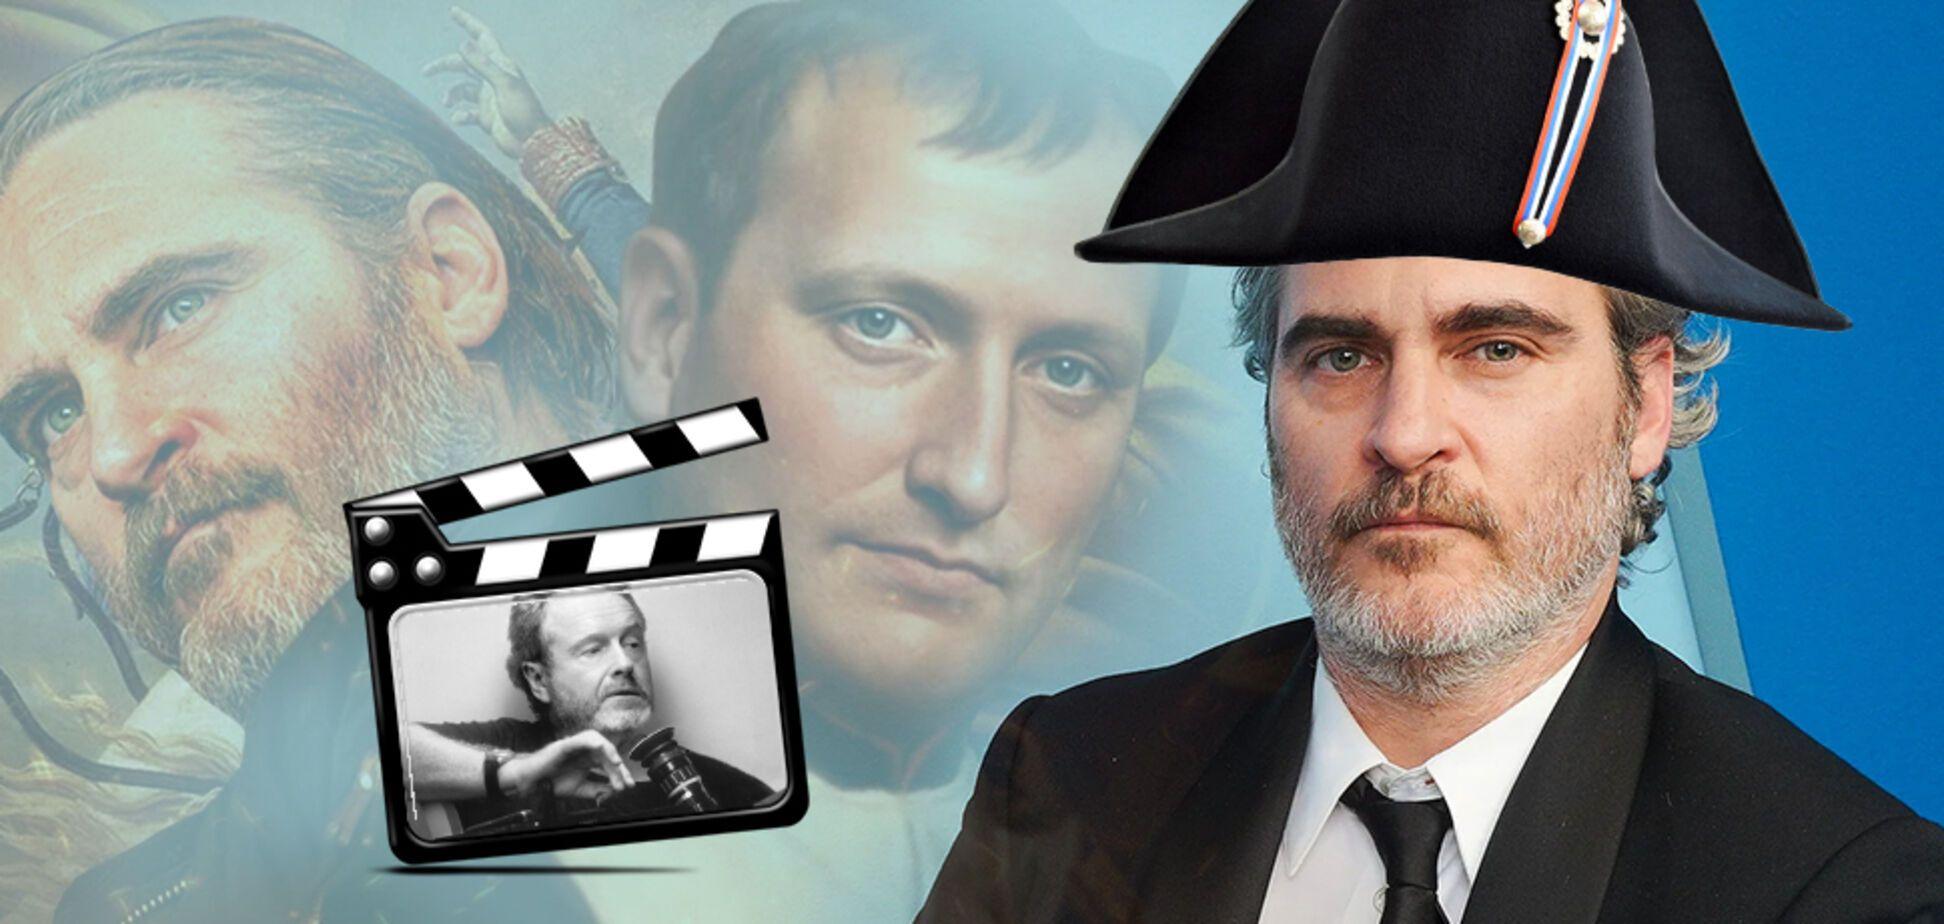 Від Джокера до Наполеона: Хоакін Фенікс отримав роль Наполеона в новому фільмі Рідлі Скотта!